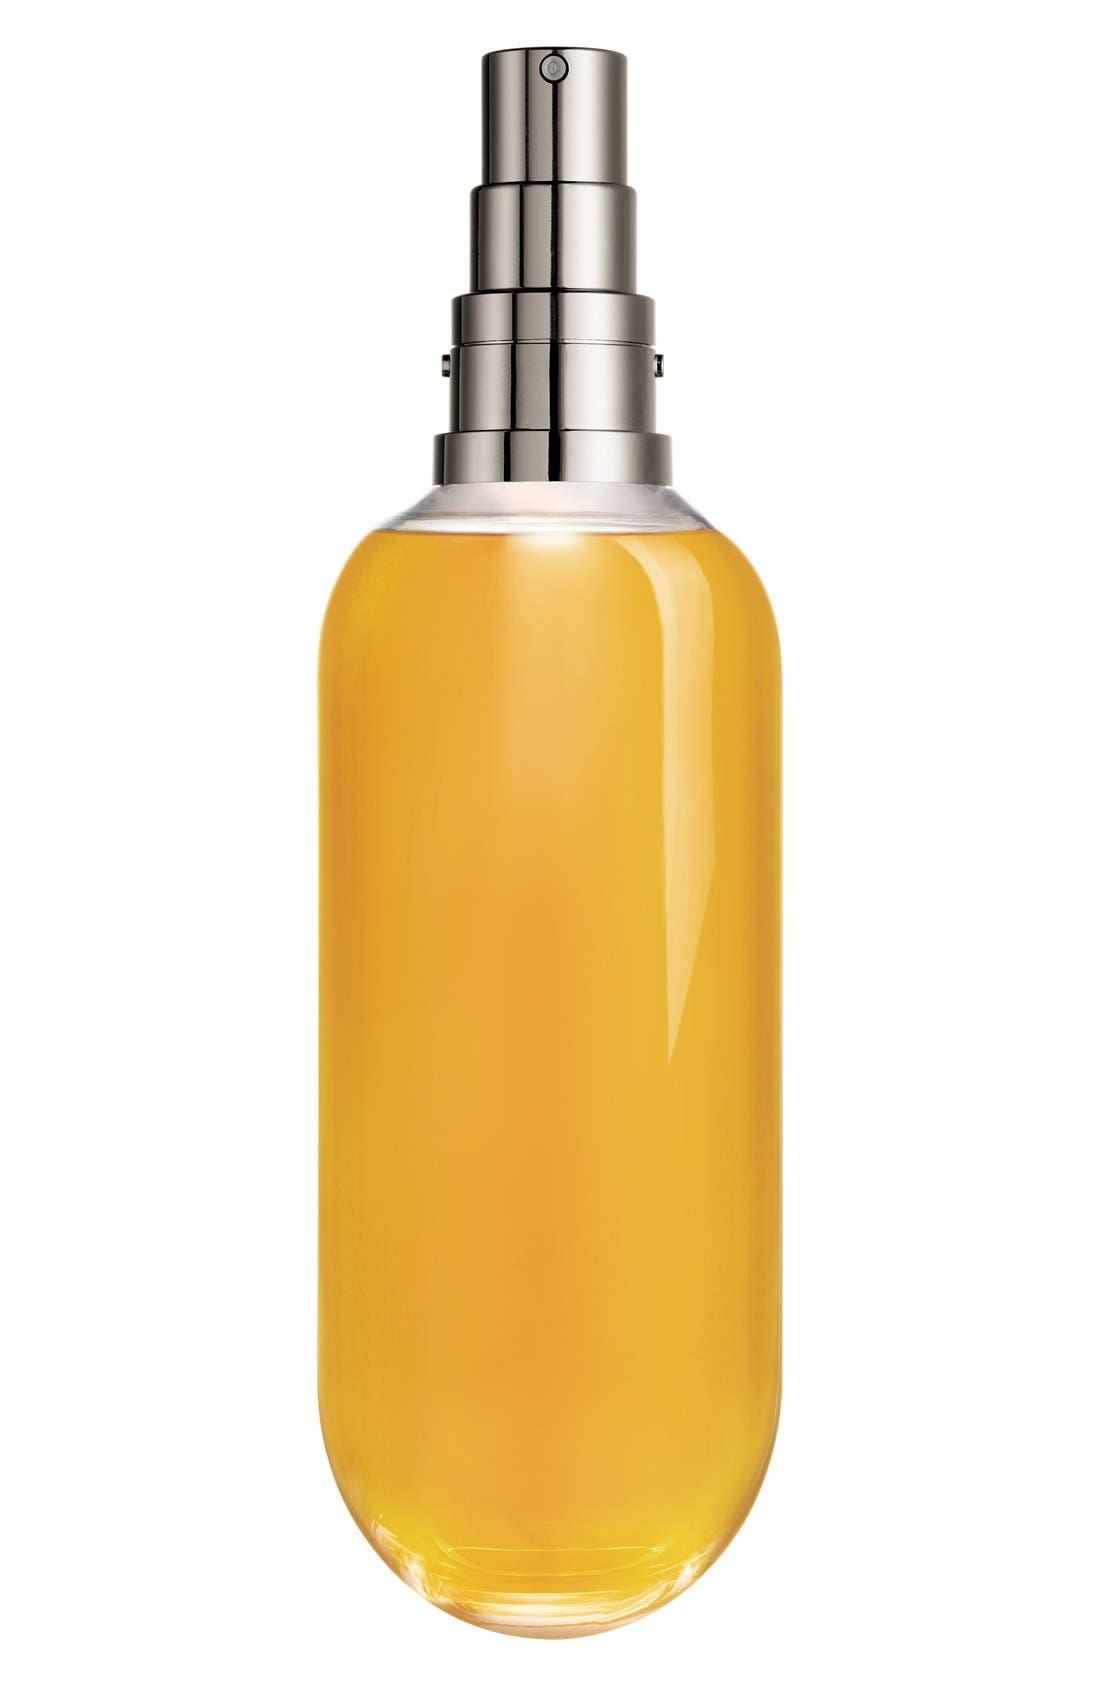 Cartier L'Envol de Cartier Eau de Parfum Refill